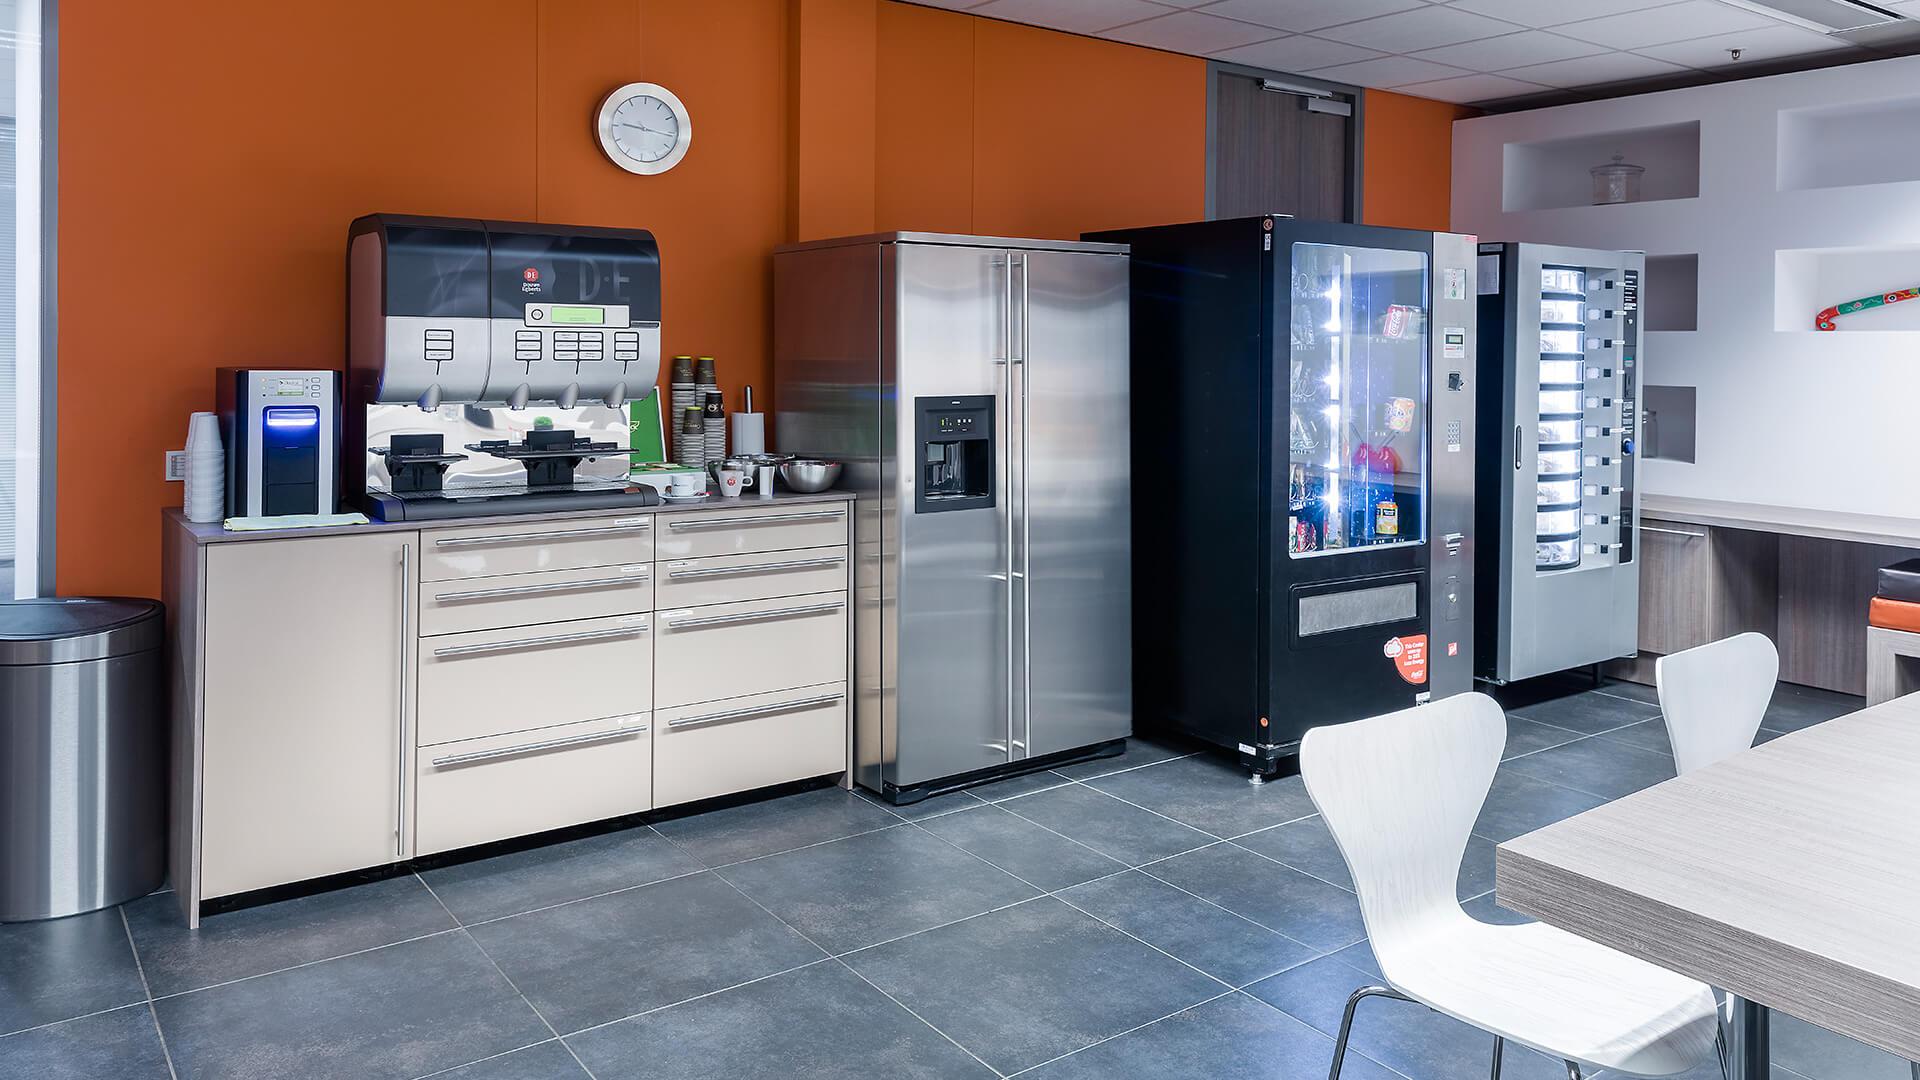 Bribus - Koffie/brood/snoepautomaat